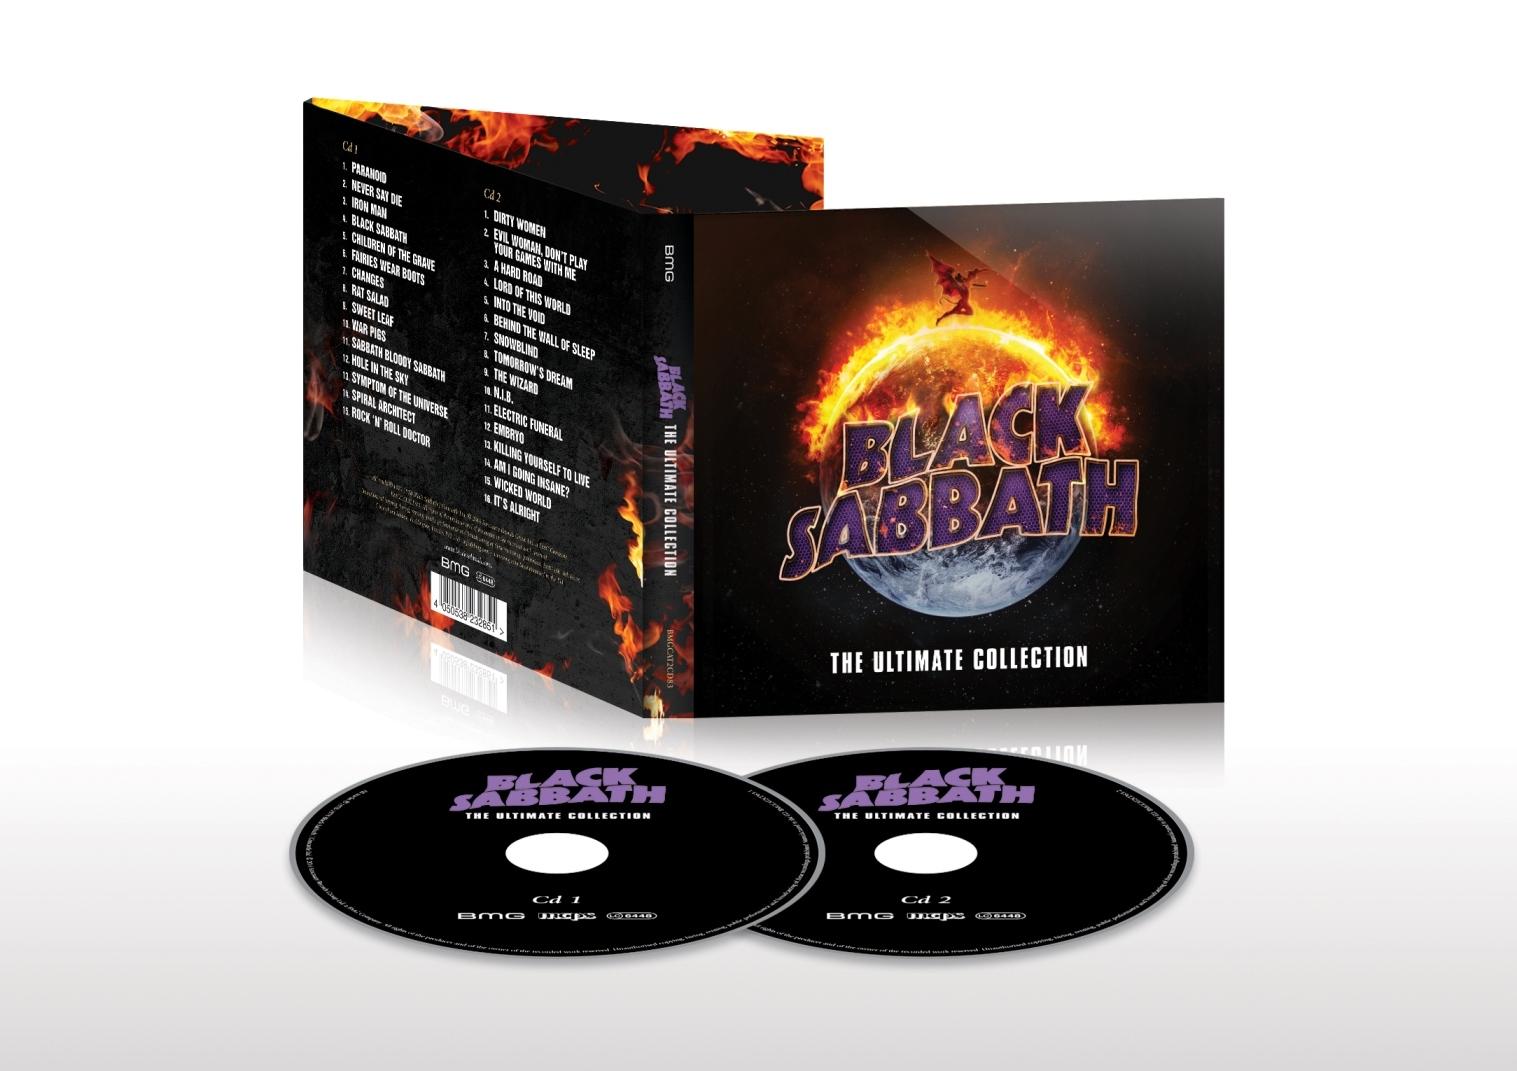 ブラック・サバス『THE ULTIMATE COLLECTION』2枚組CD